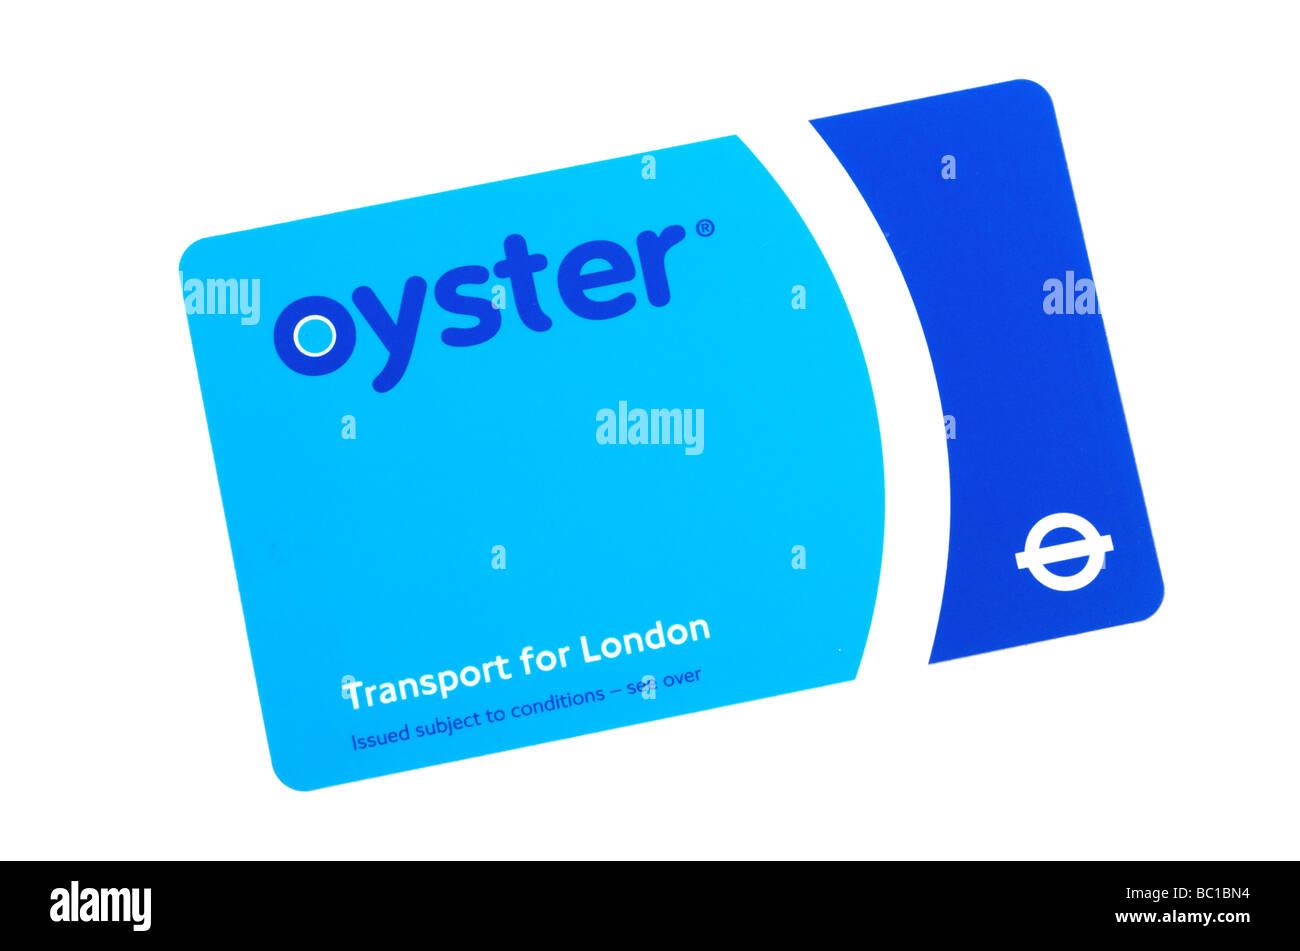 Visitor Oyster Card - verwendet für den öffentlichen Nahverkehr in London Stockfoto